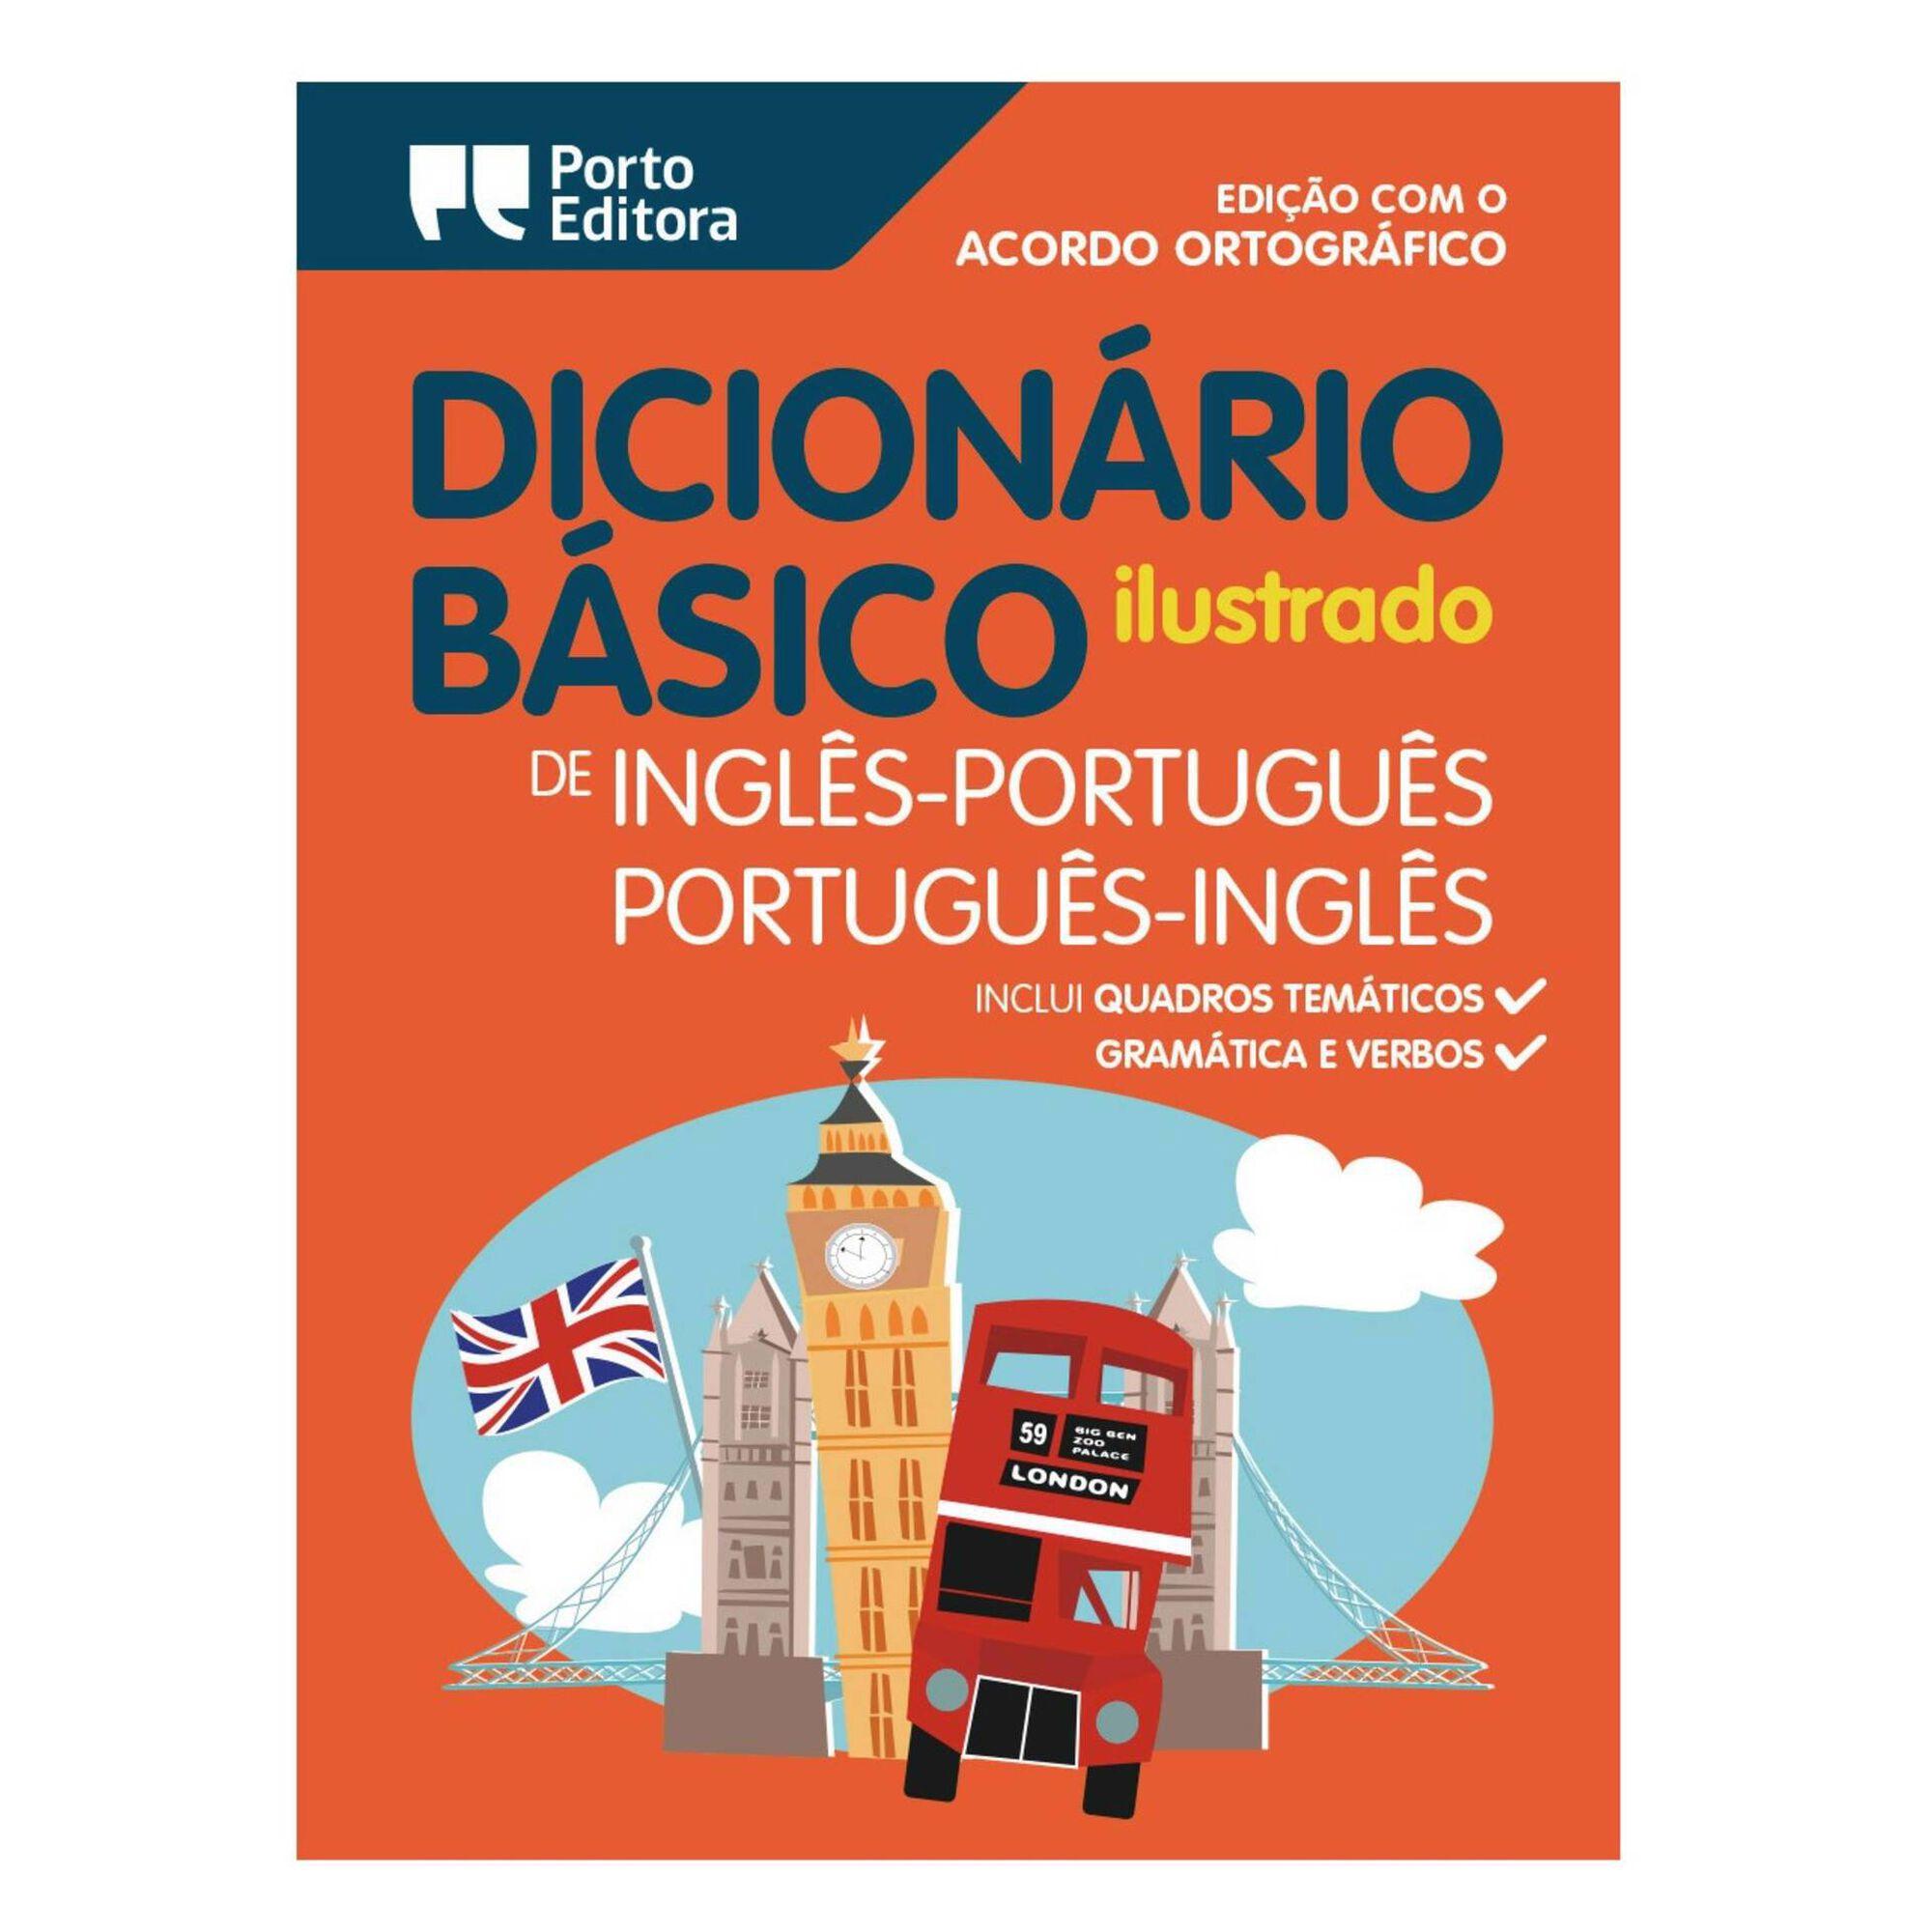 Dicionário Básico Ilustrado Português-Inglês/Inglês-Português